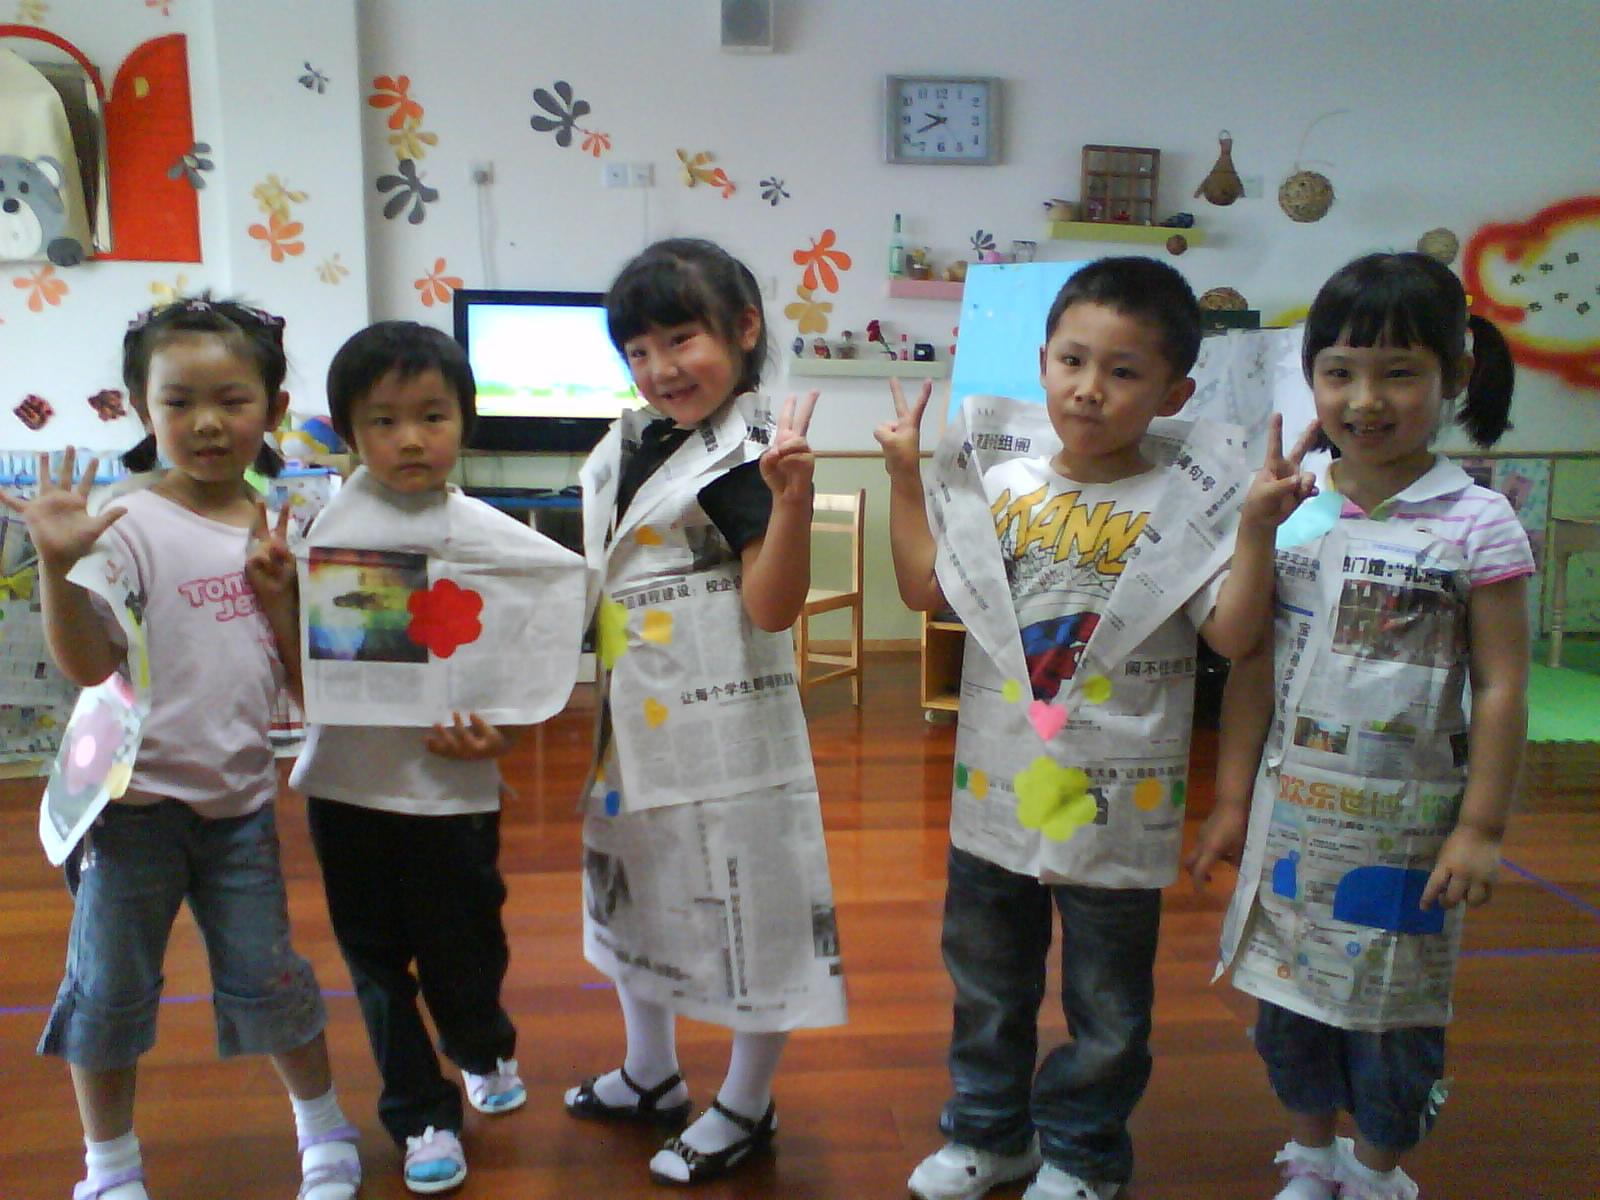 幼儿园手工制作中国风衣服